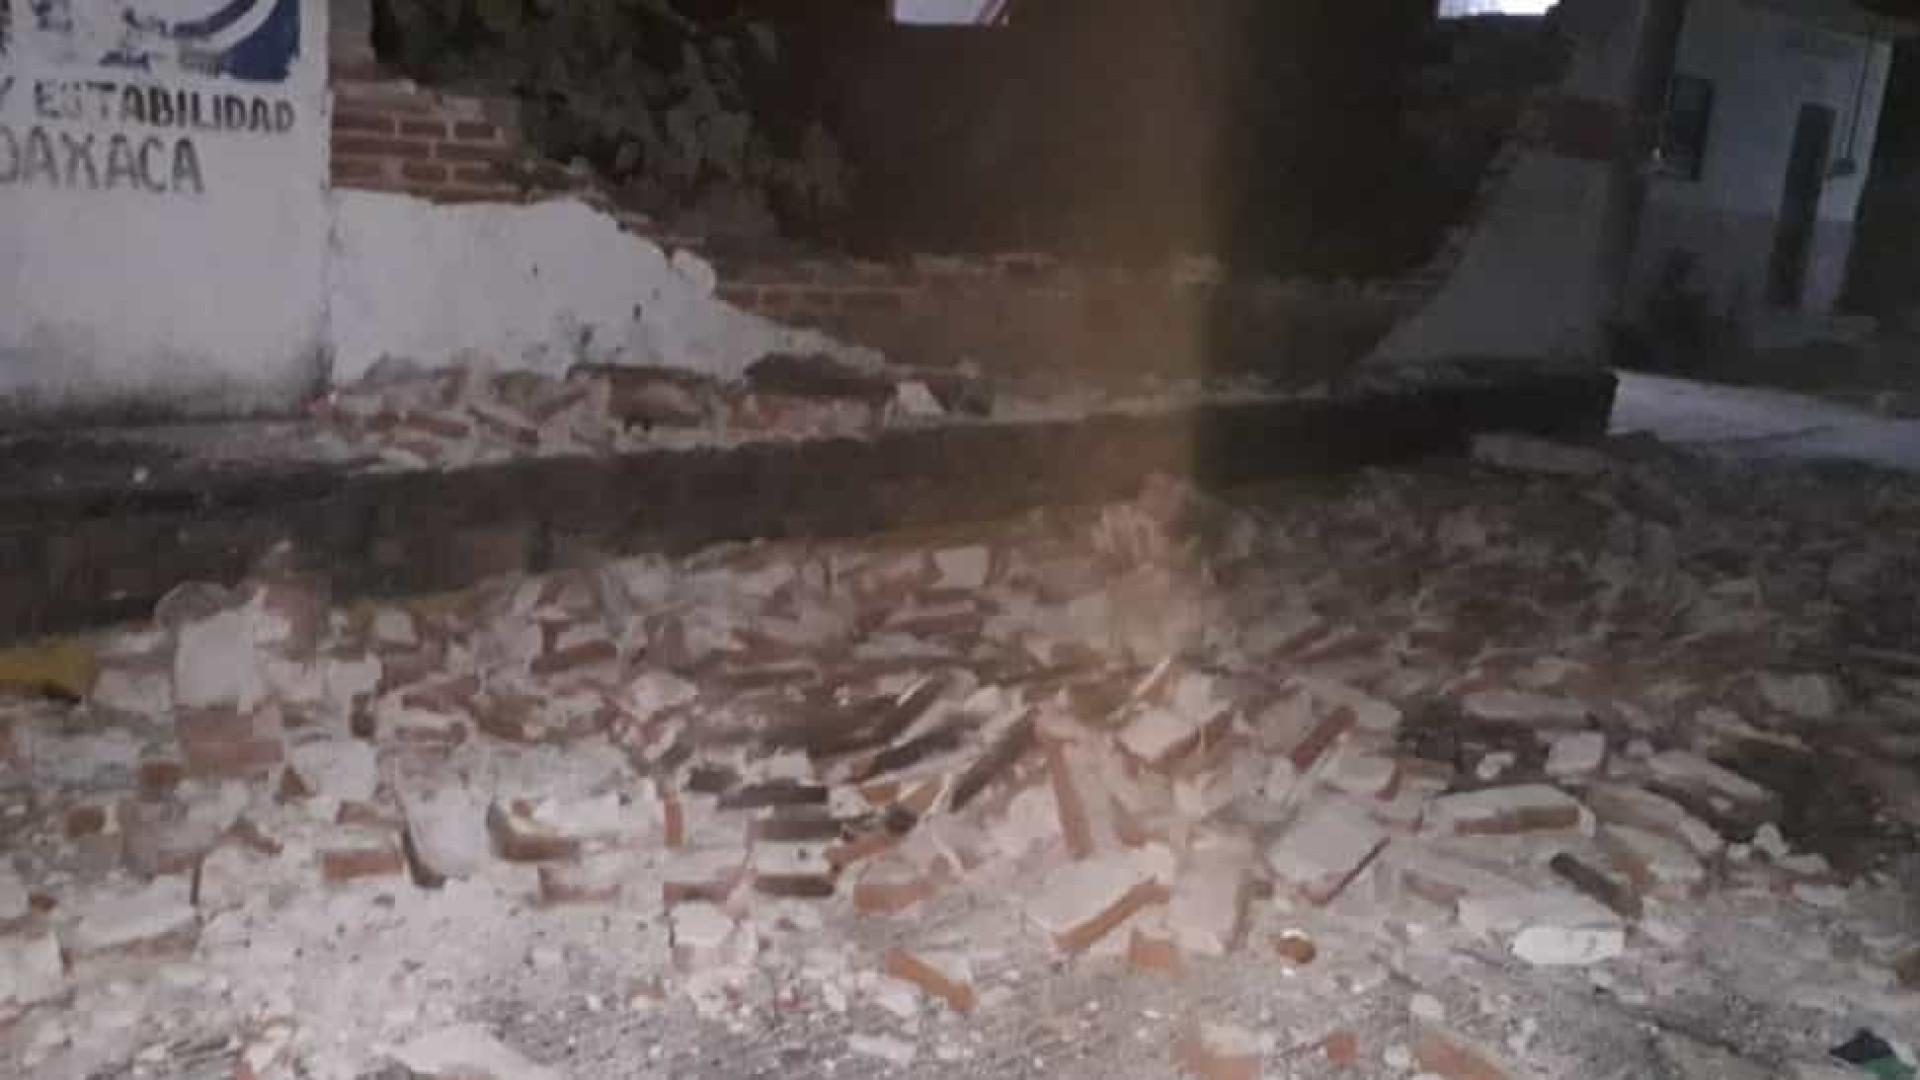 Terremoto de 5.3 na escala de Richter provoca estragos no México